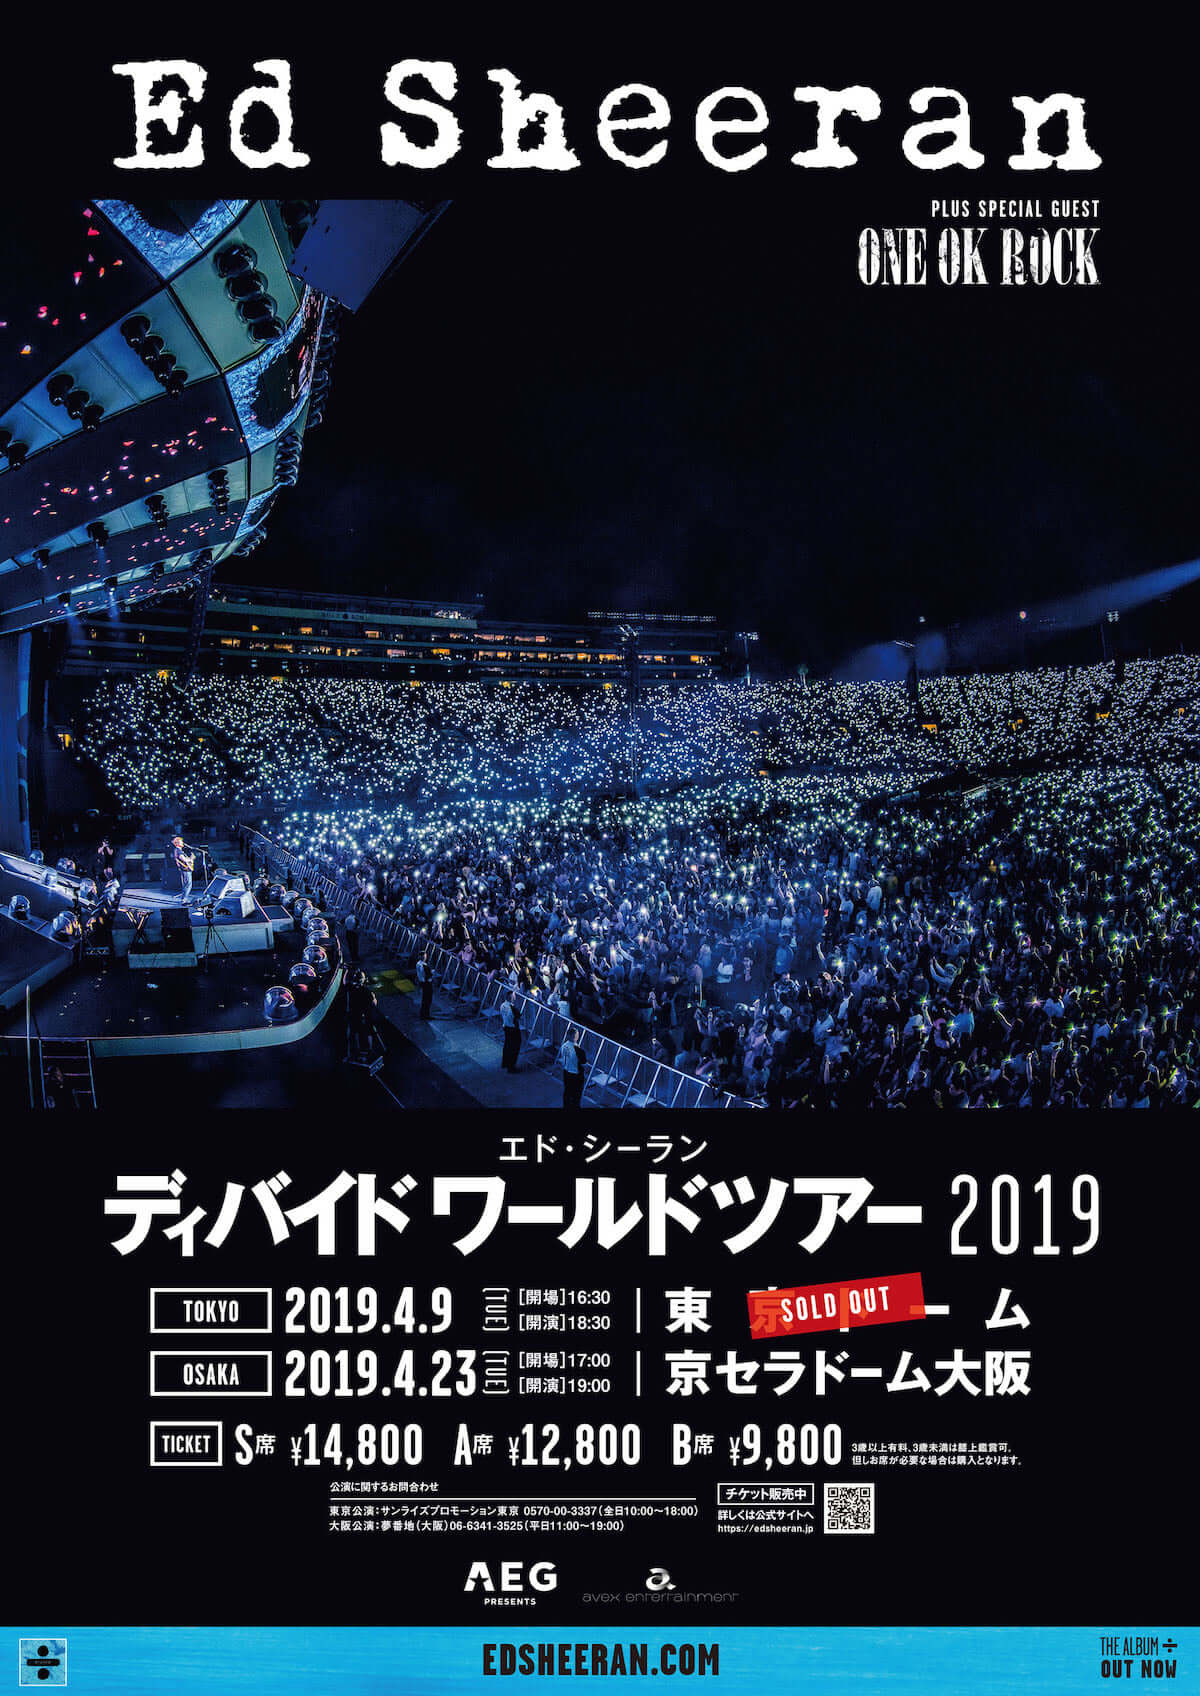 エド・シーラン初の来日ドーム公演にスペシャルゲストとしてONE OK ROCKの出演決定 music190214-ed-sheeran-oneokrock-2-1200x1696